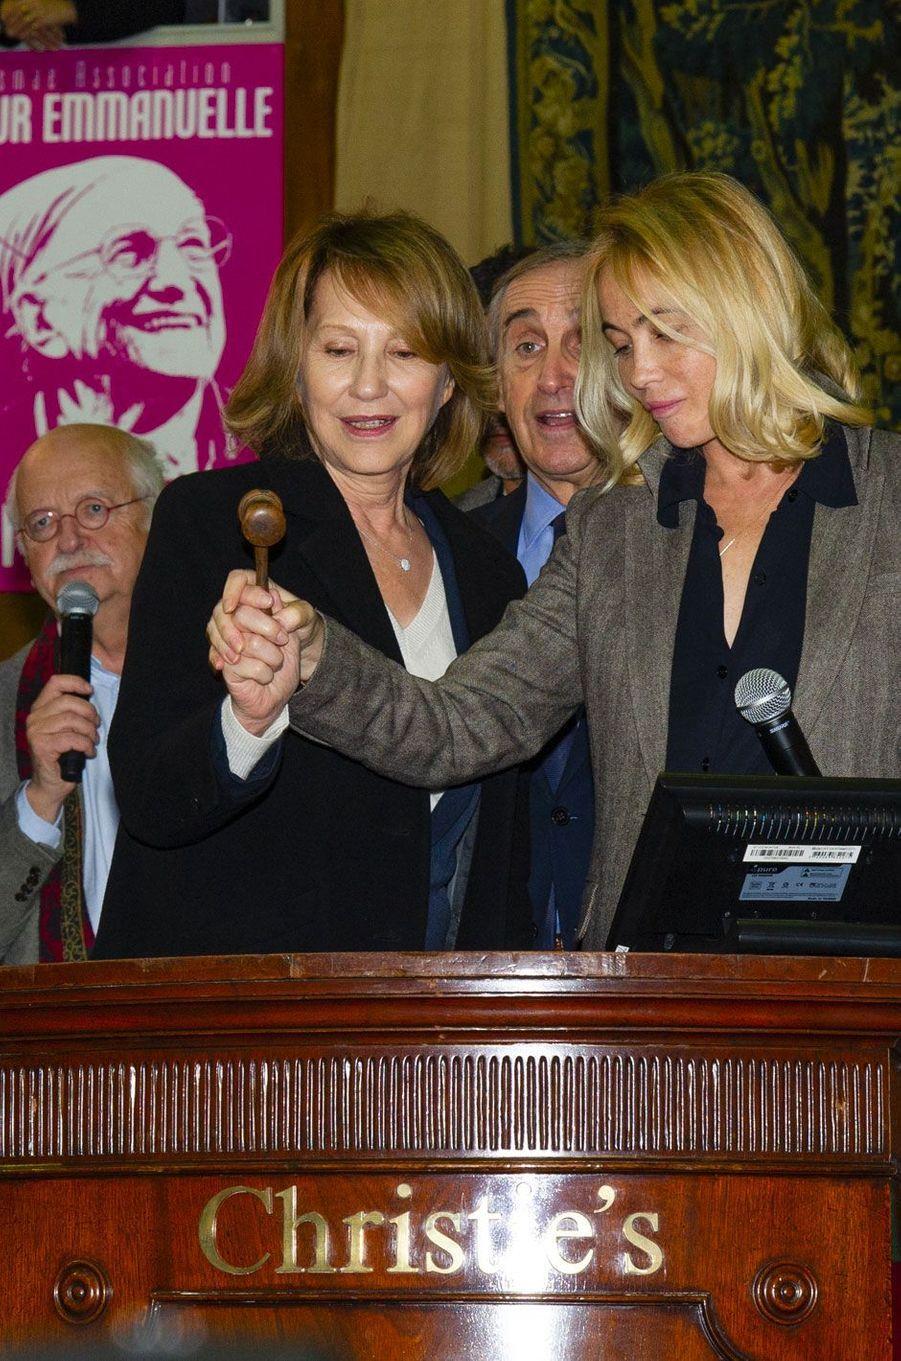 Nathalie Baye et Emmanuelle Béart à la vente aux enchères des vins des Hospices de Beaune, le 18 novembre 2018